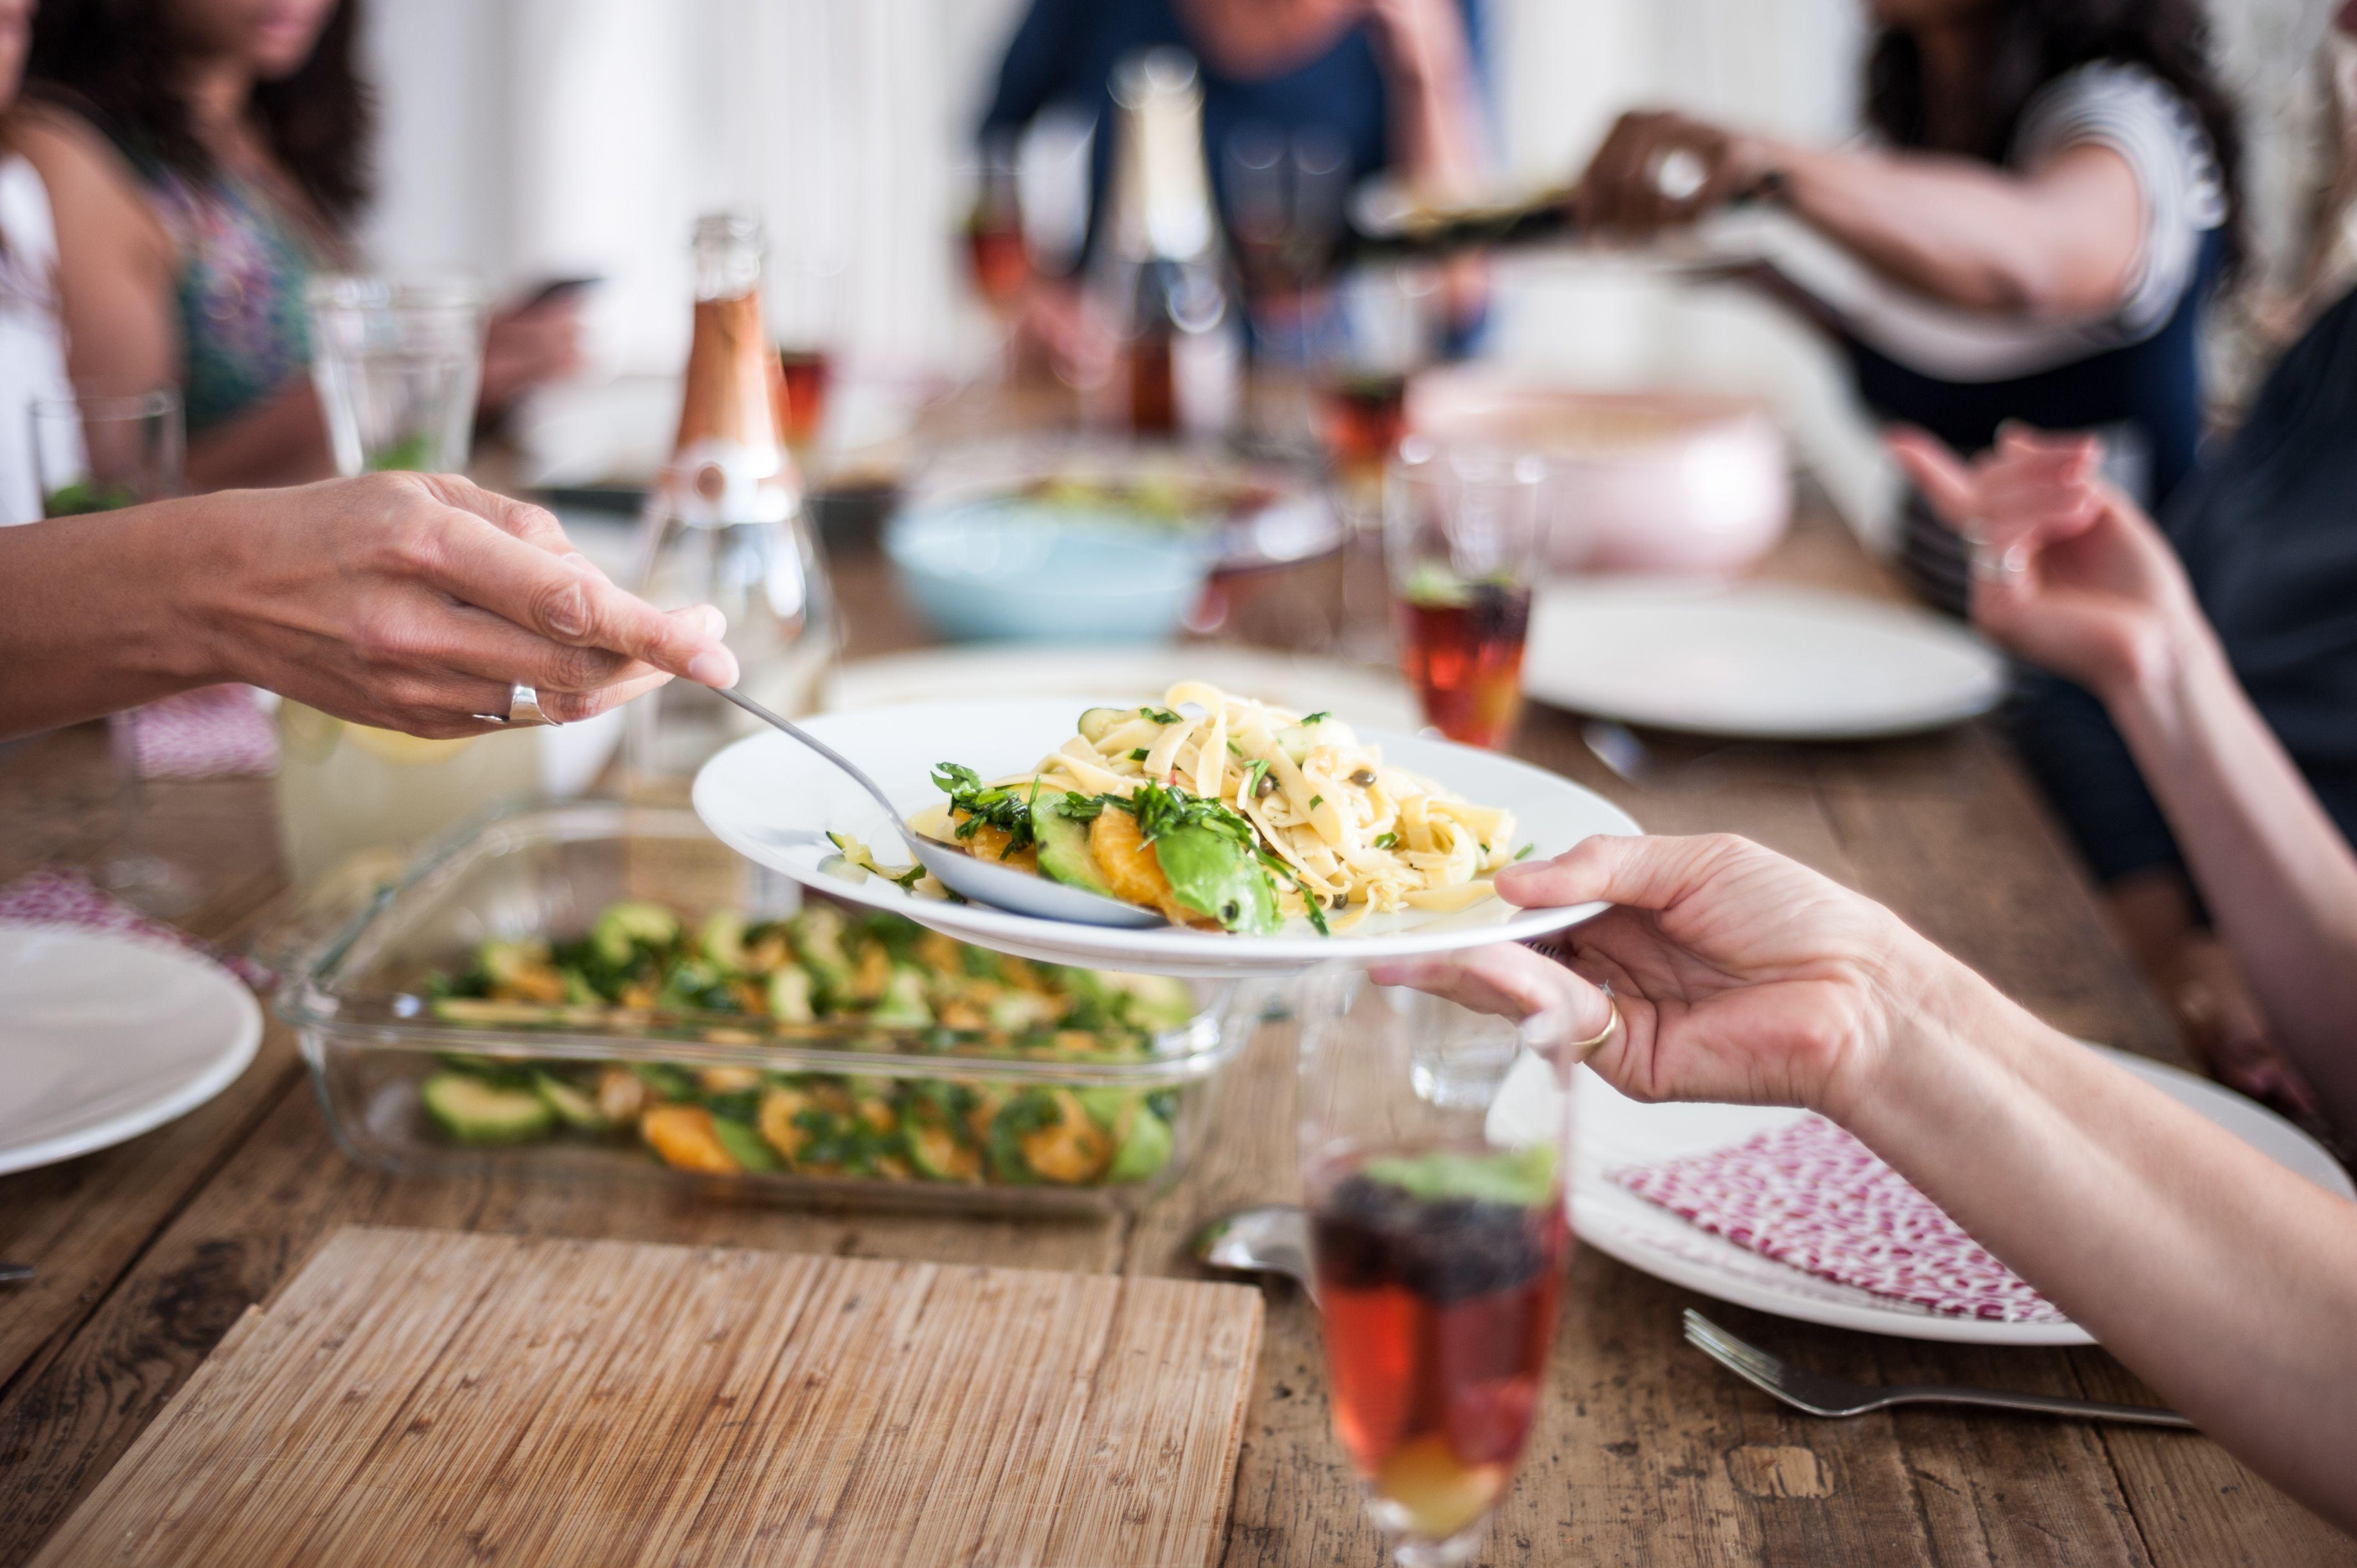 Un truco muy español para perder peso: comer en plato pequeño te ayuda a adelgazar